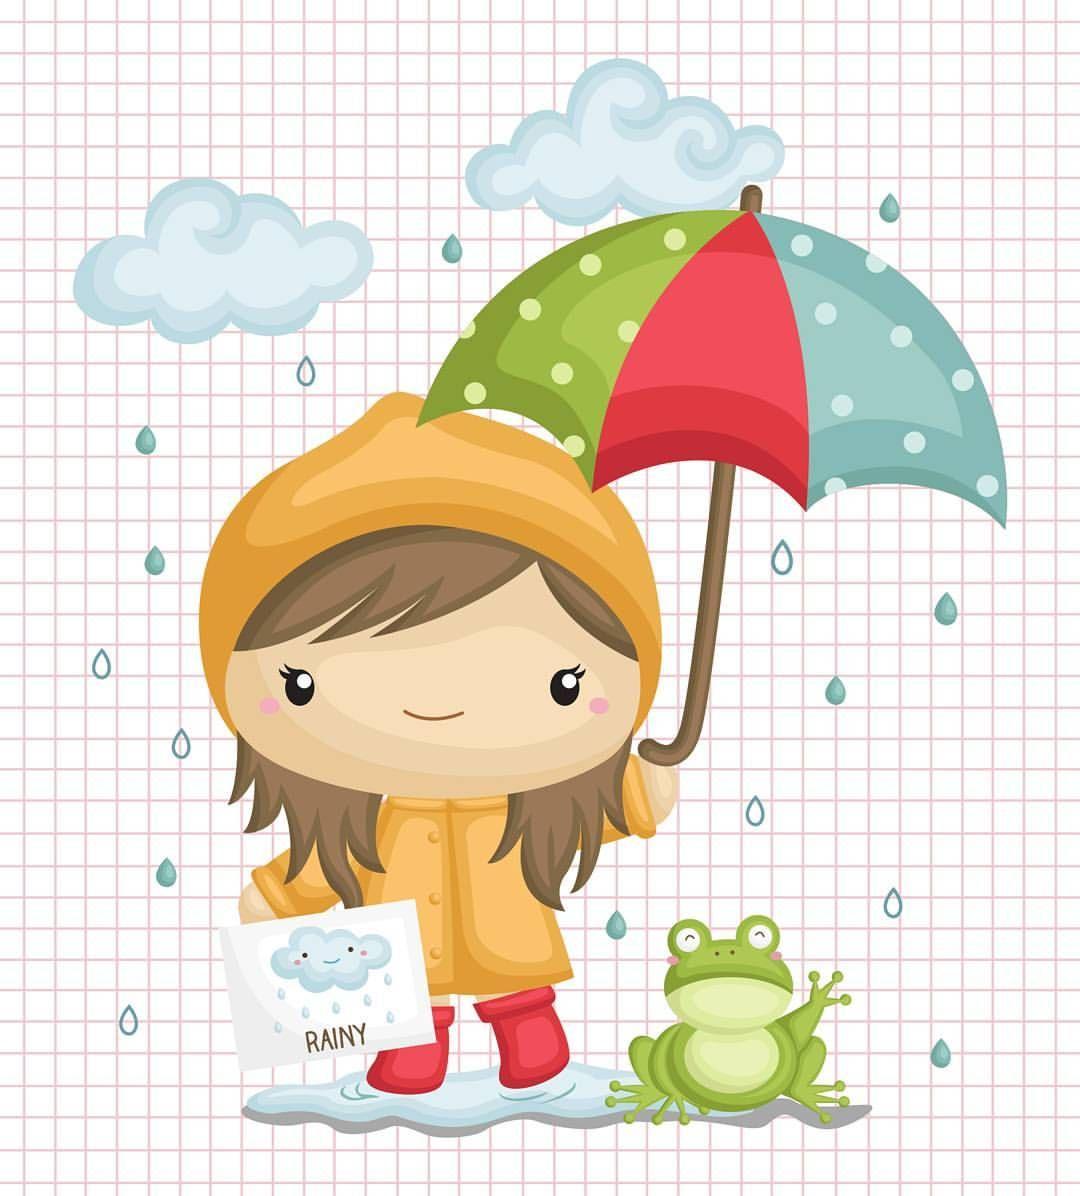 Umbrella For Rainy Day Illustration Umbrella Clipart Frog Paper Piecing Scrapbooking Clip Art Umbrella